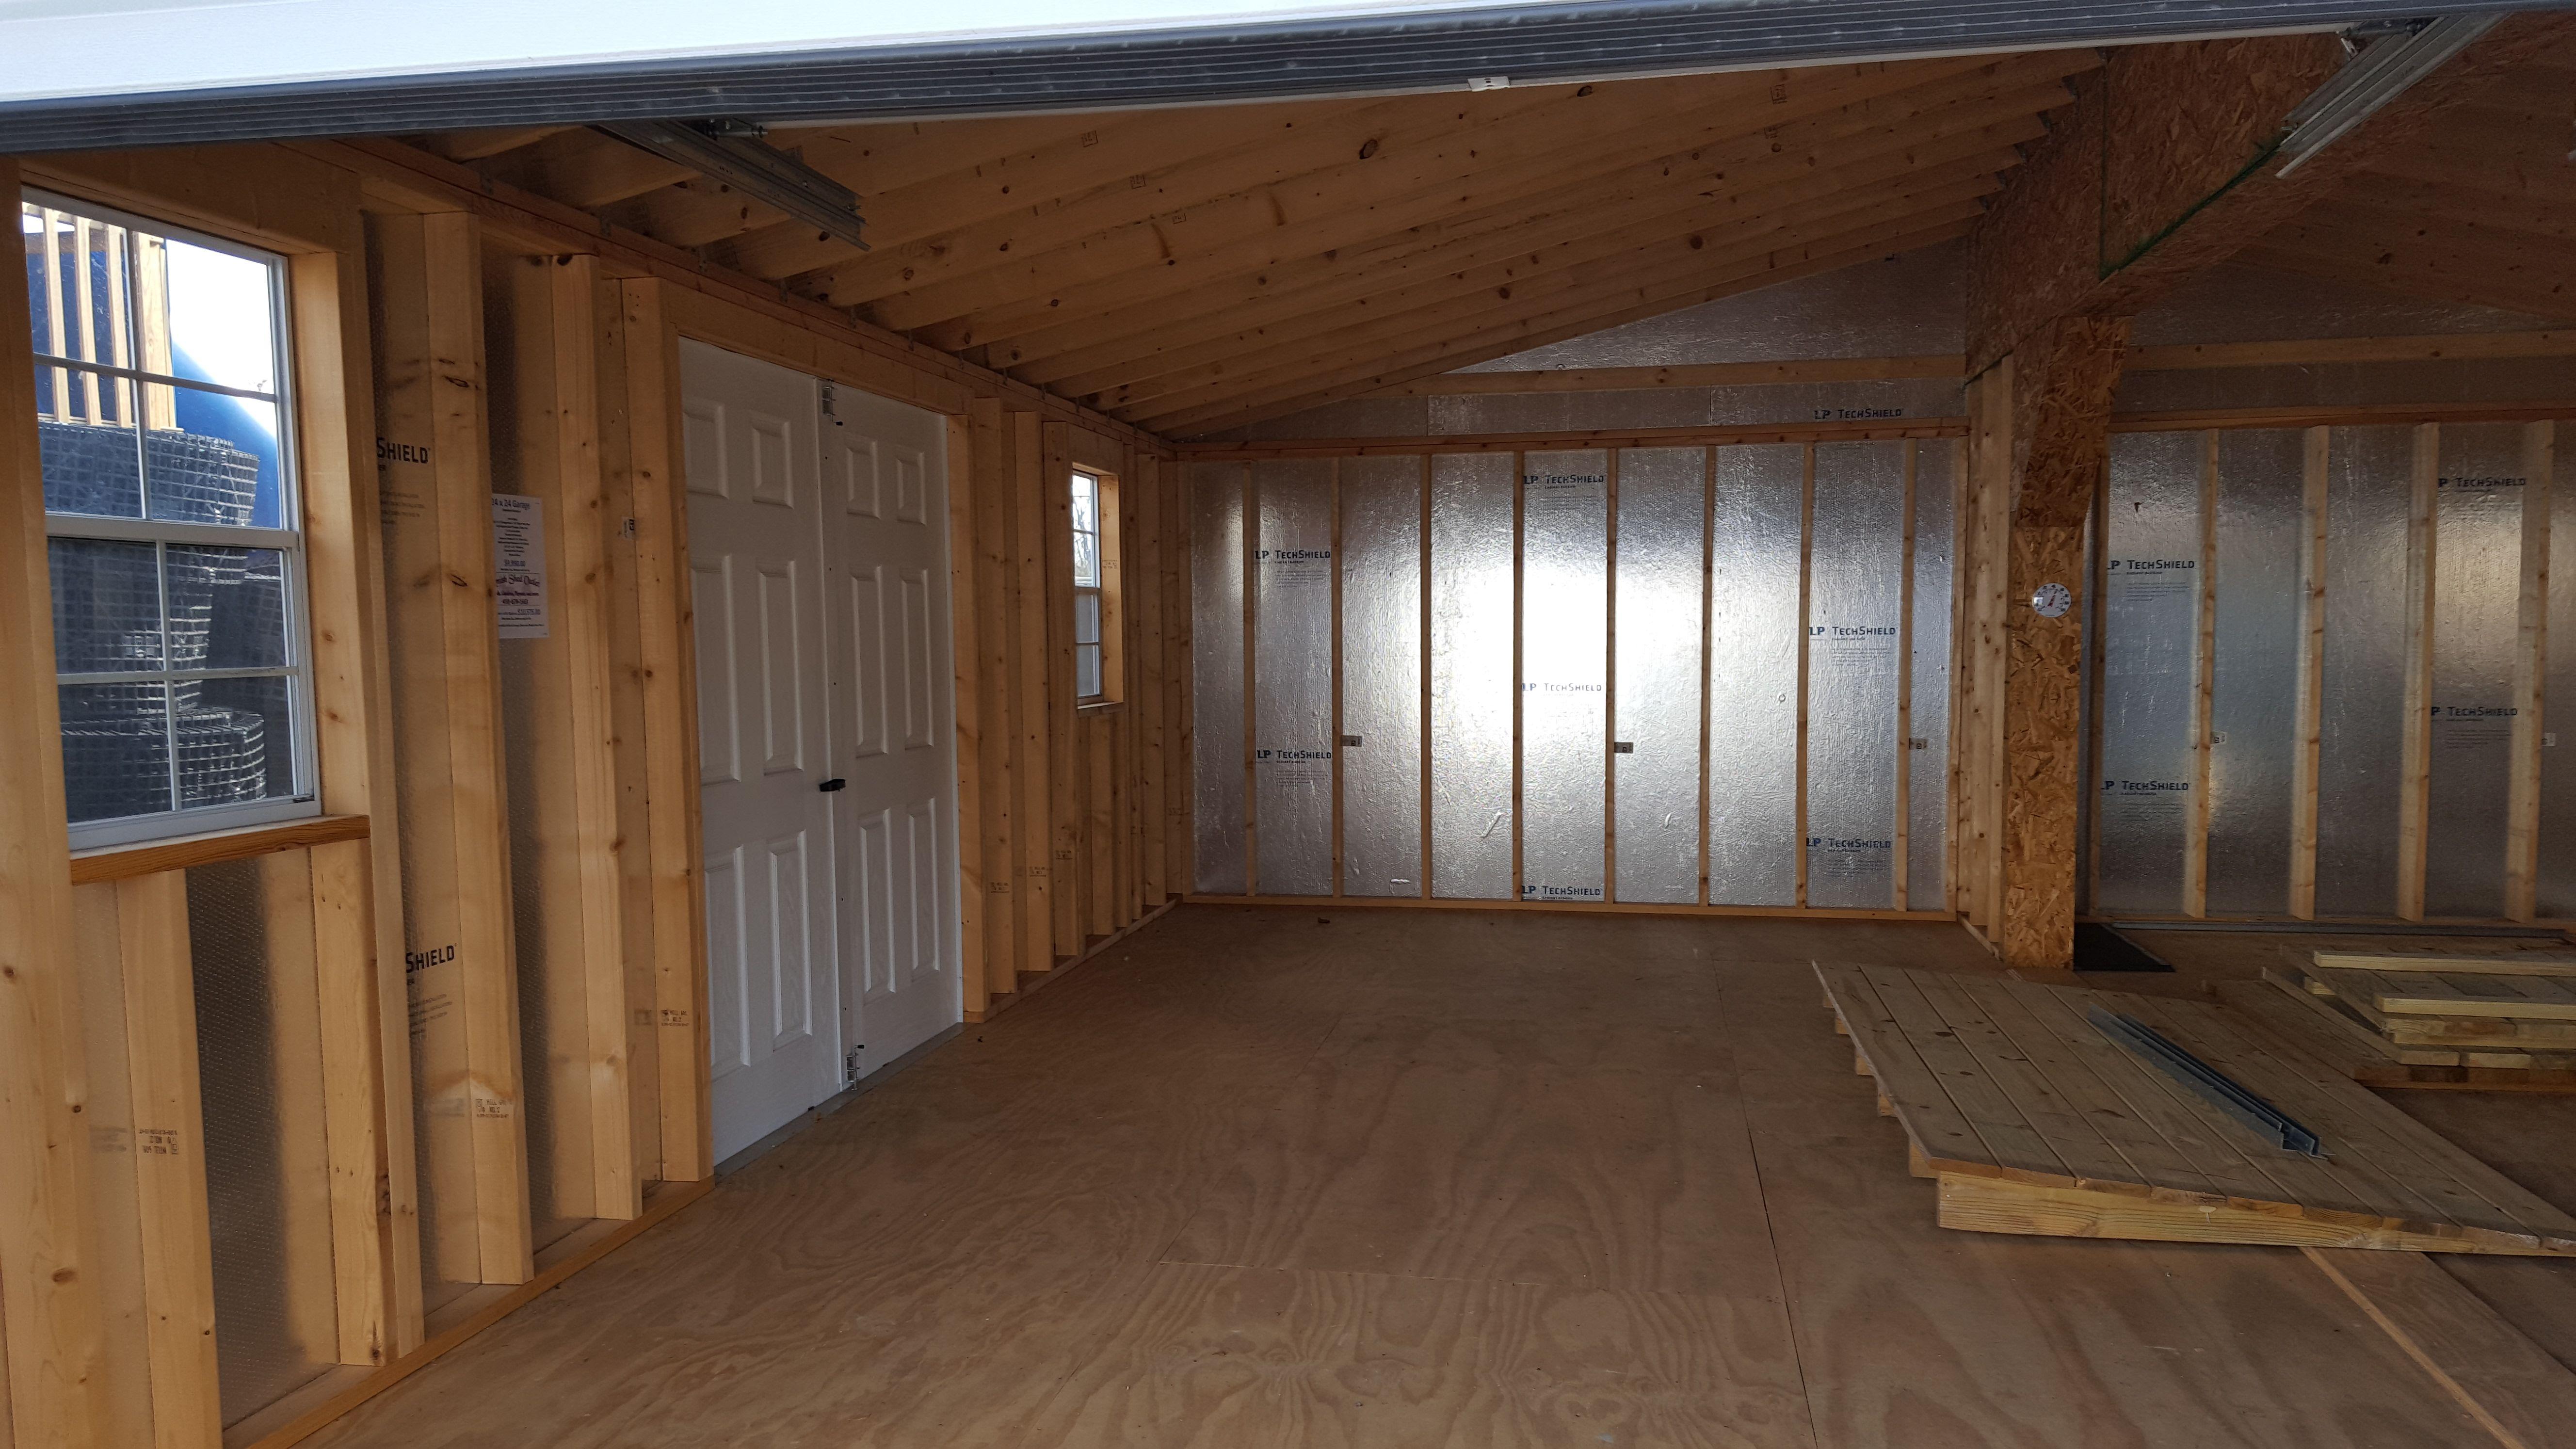 24 X 24 Vinyl Garage Interior Garage Interior Amish Sheds Outdoor Storage